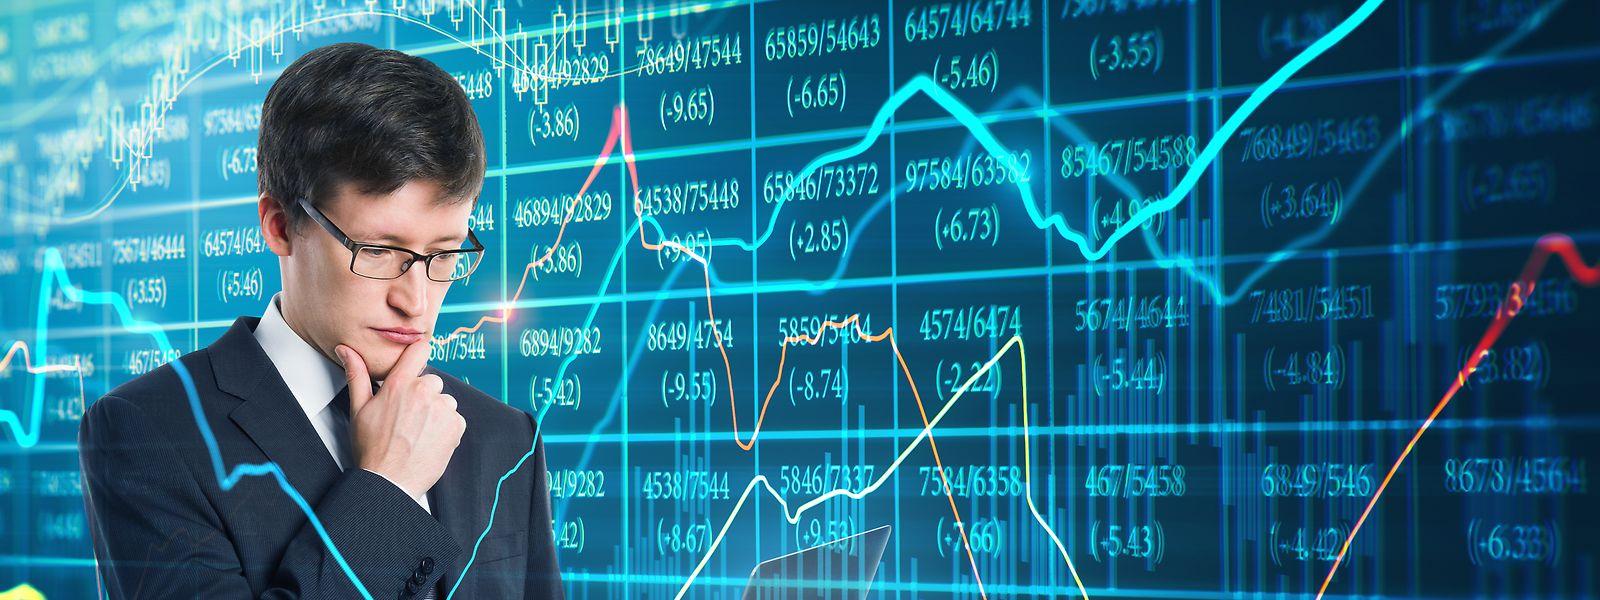 Valuu Analytics aide les investisseurs en herbe dans leurs décisions de placements boursiers.